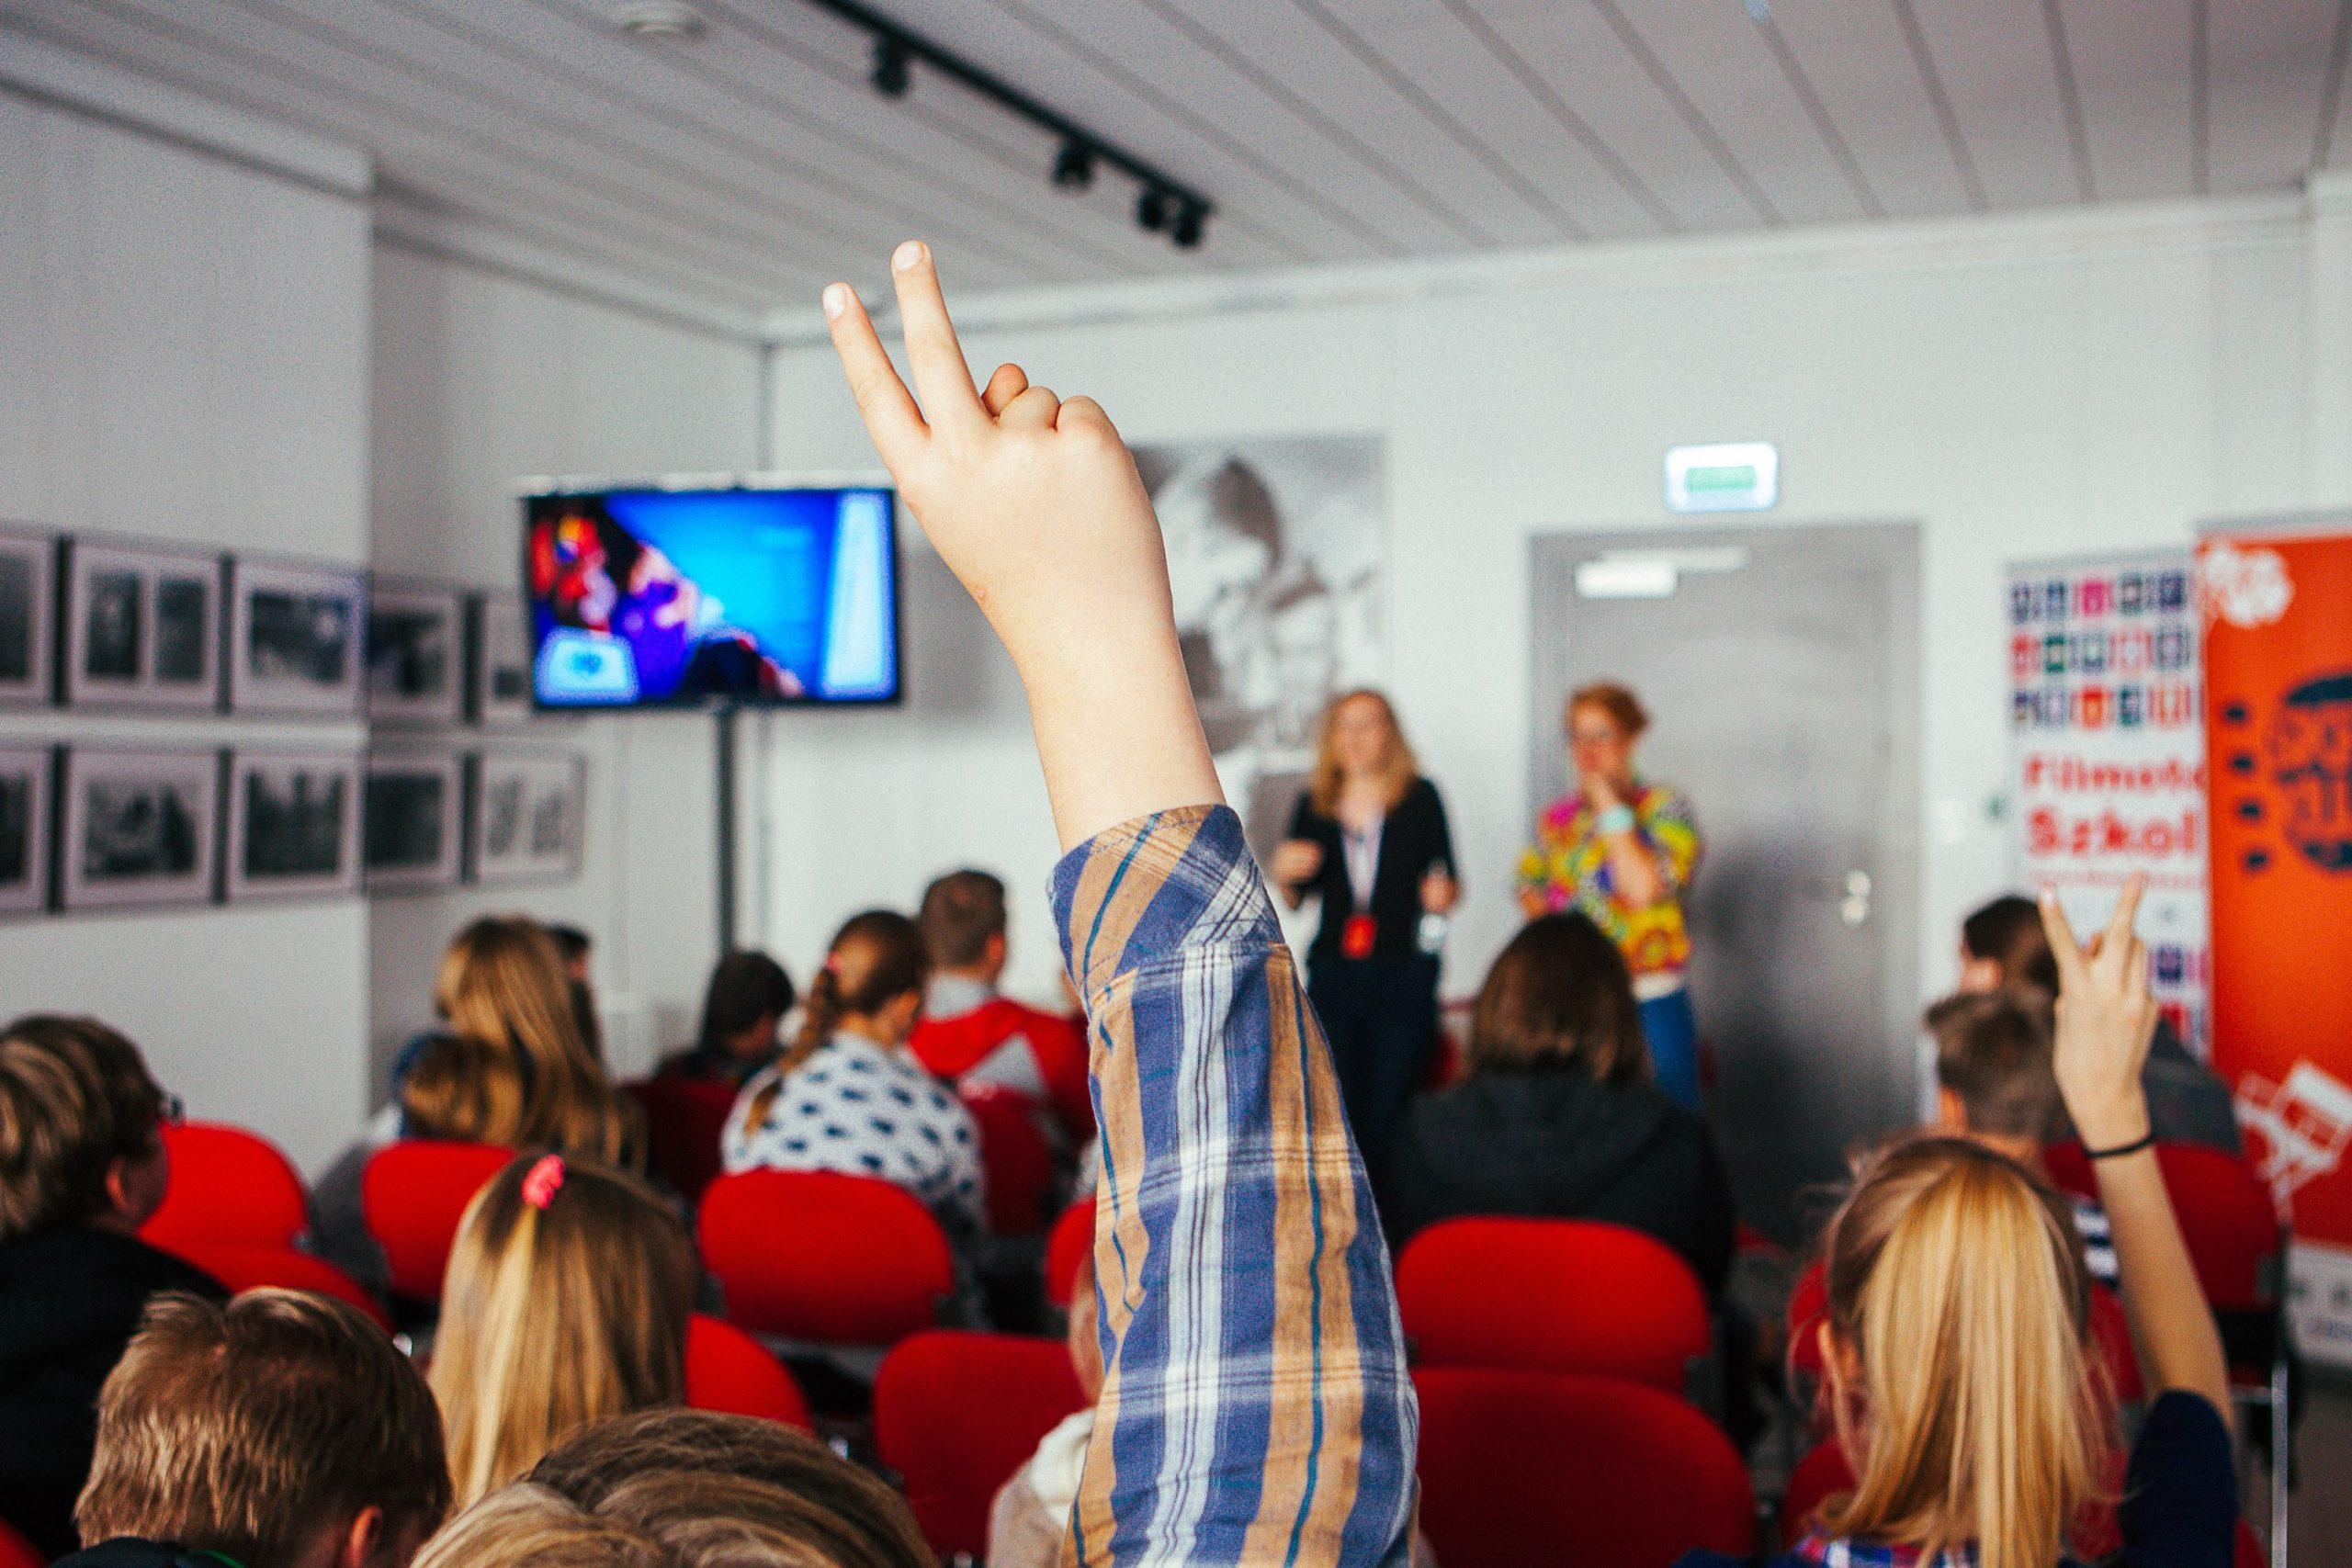 Filmoteka Szkolna na 45. Festiwalu Polskich Filmów Fabularnych w Gdyni!